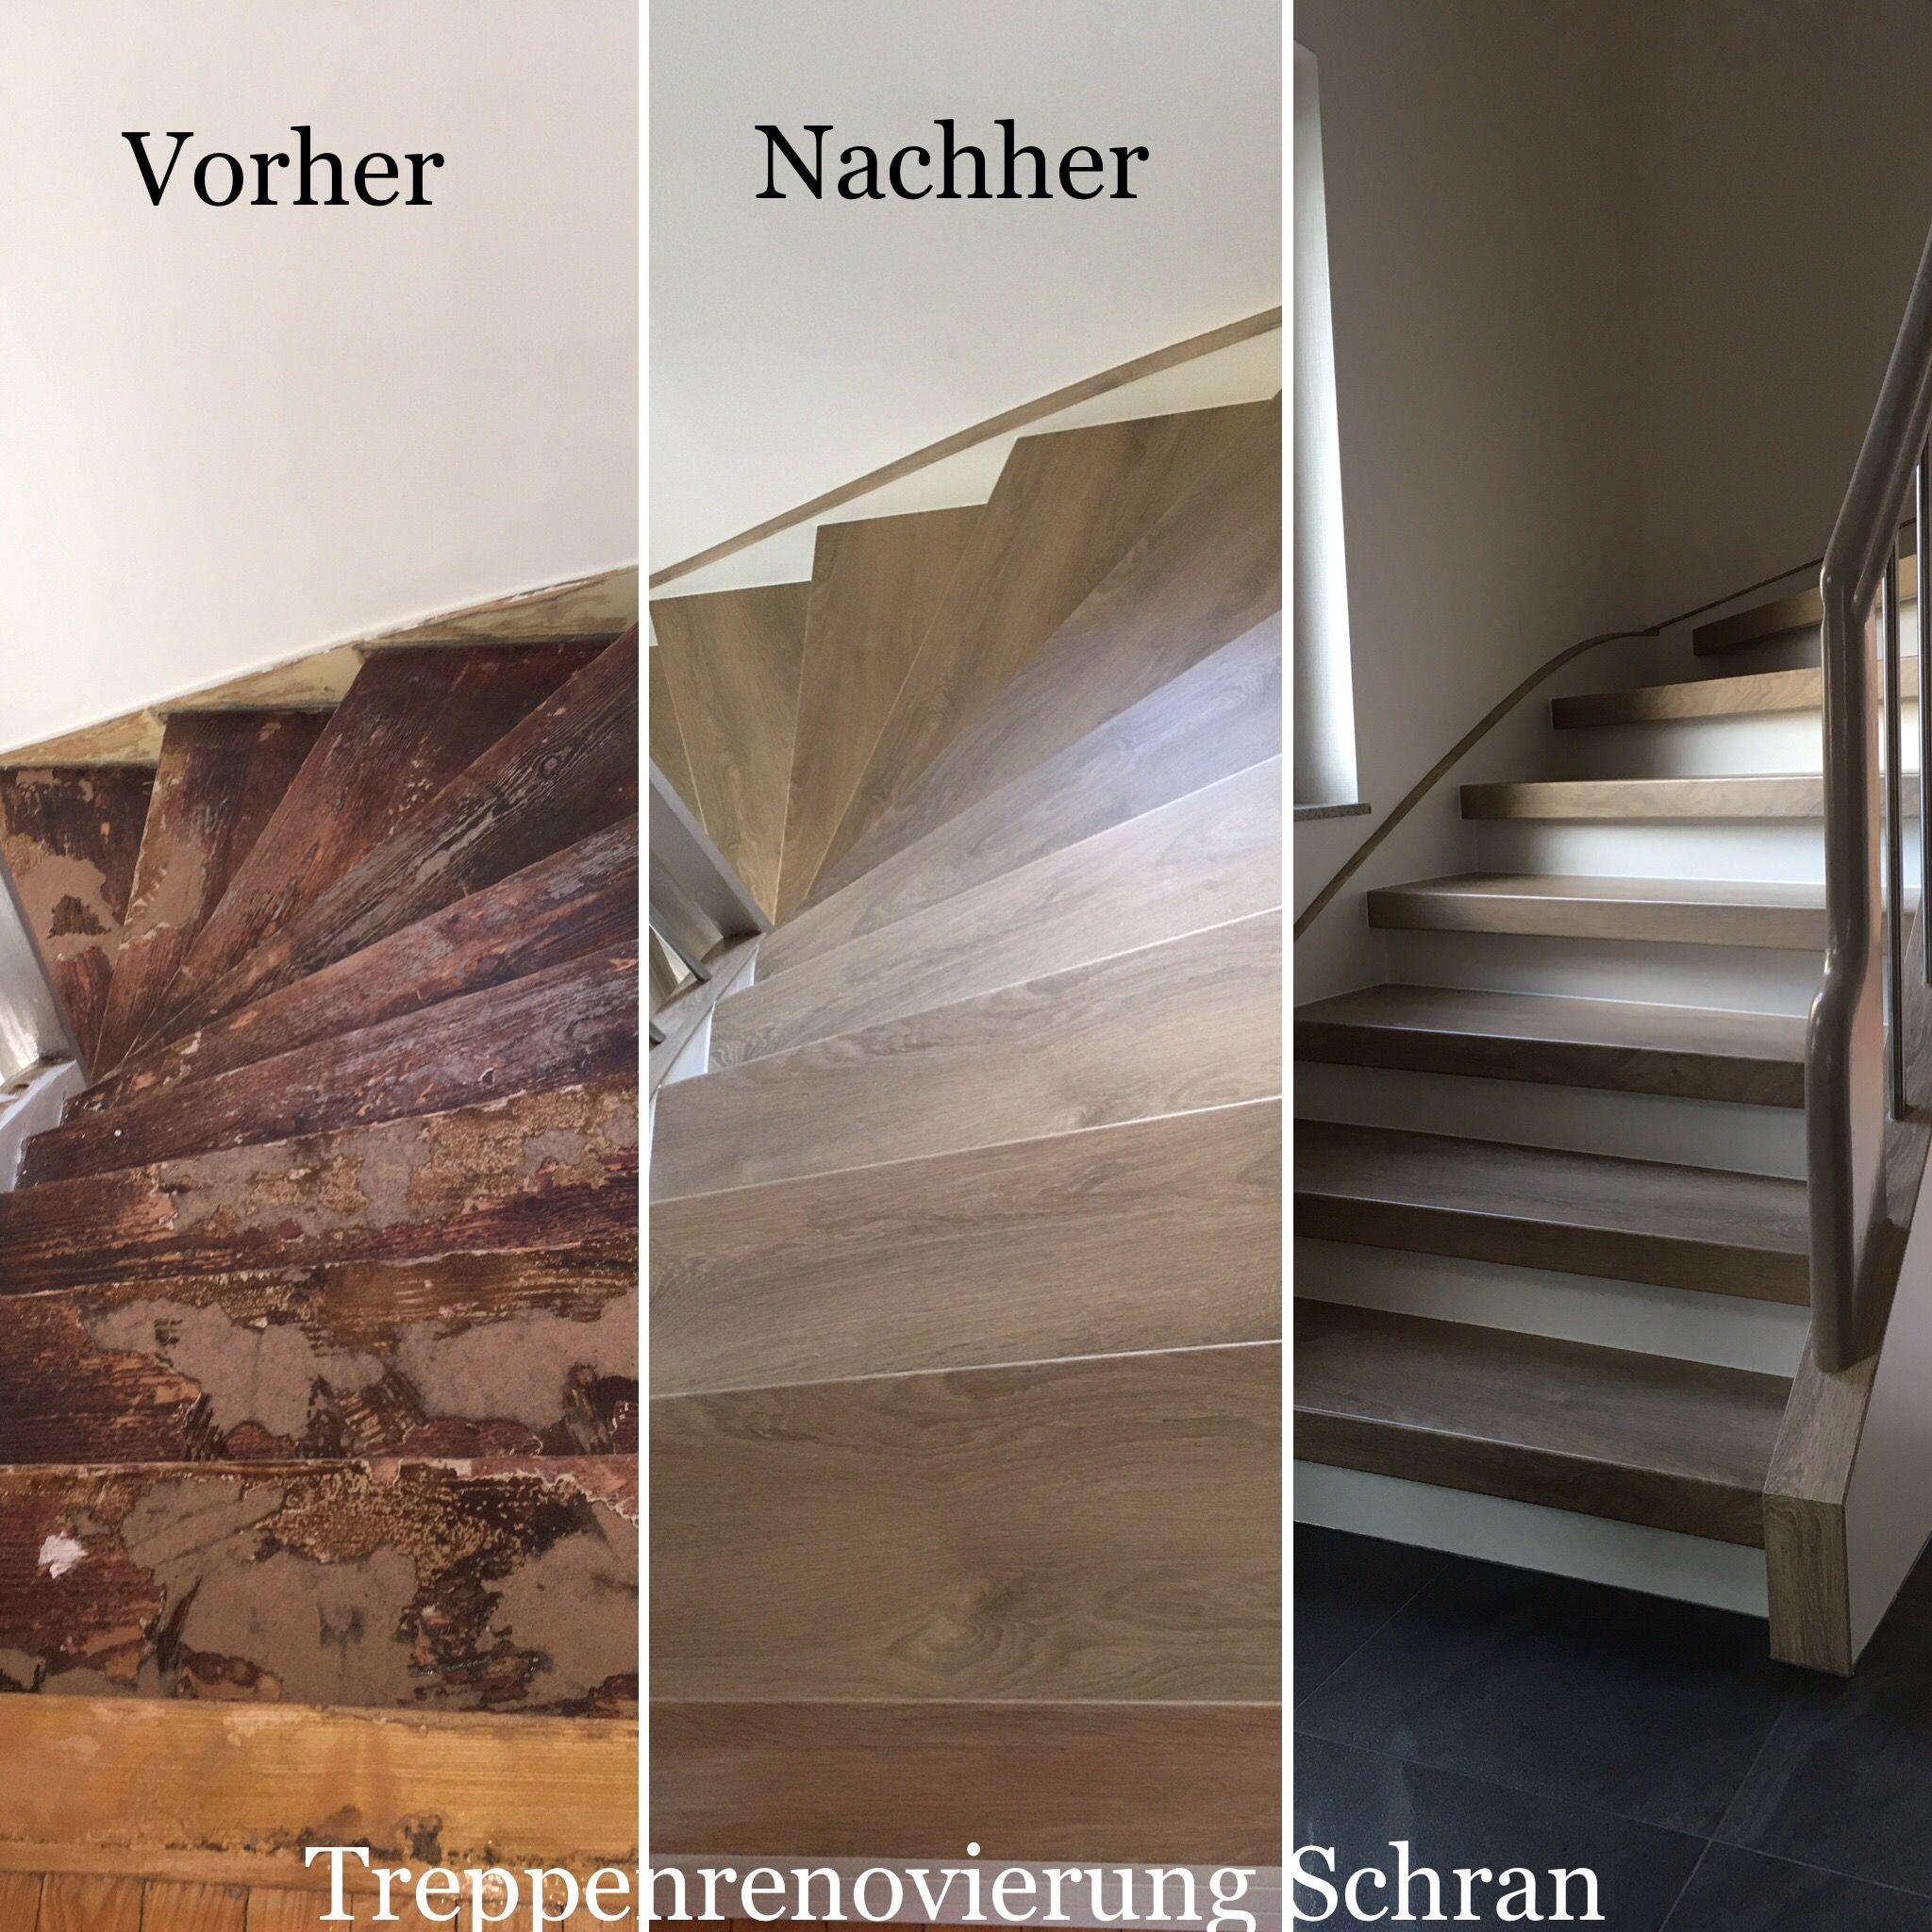 Vor- und- nach- der Renovierung